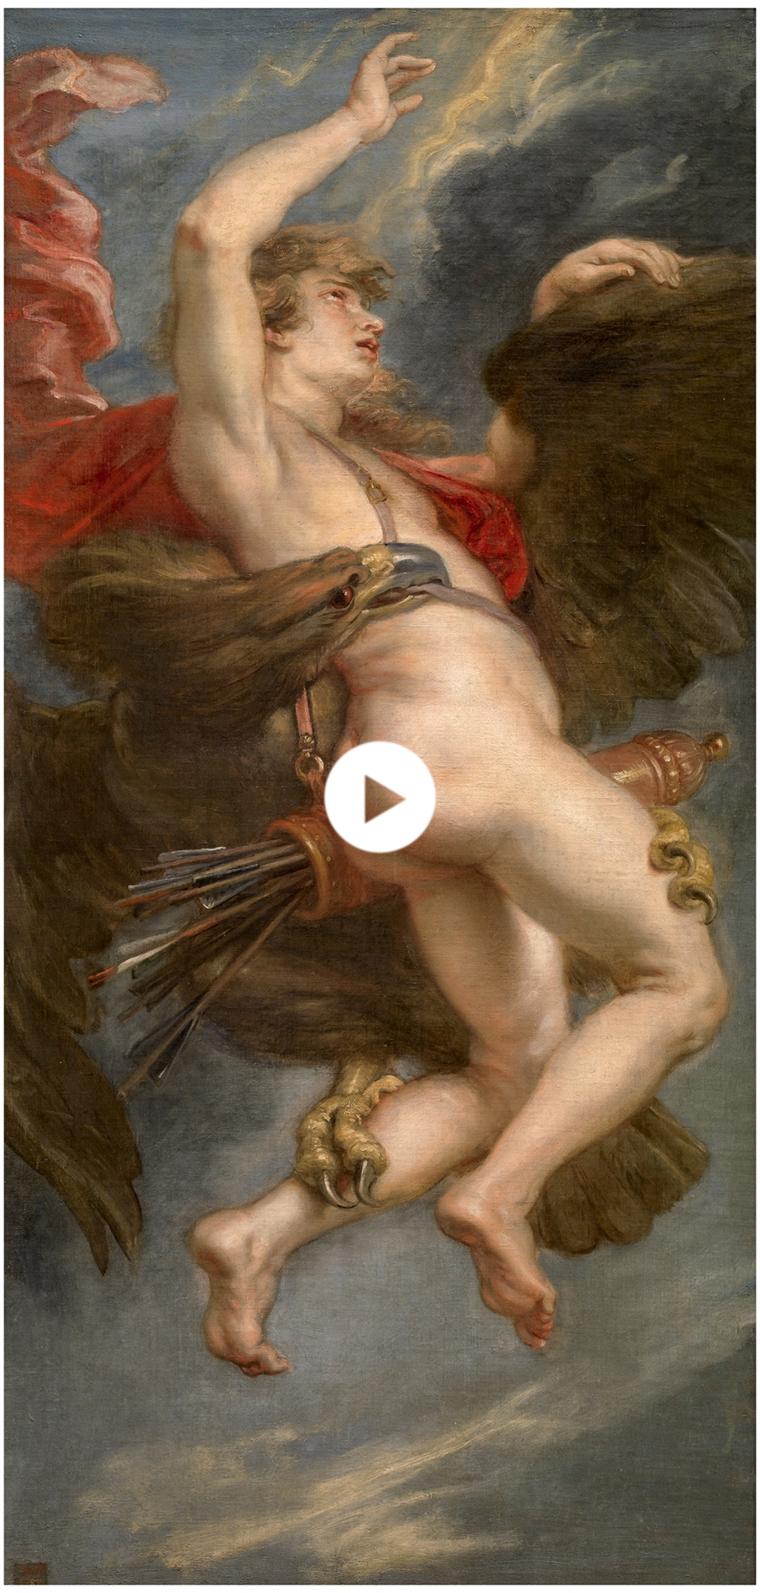 El rapto de Ganímedes